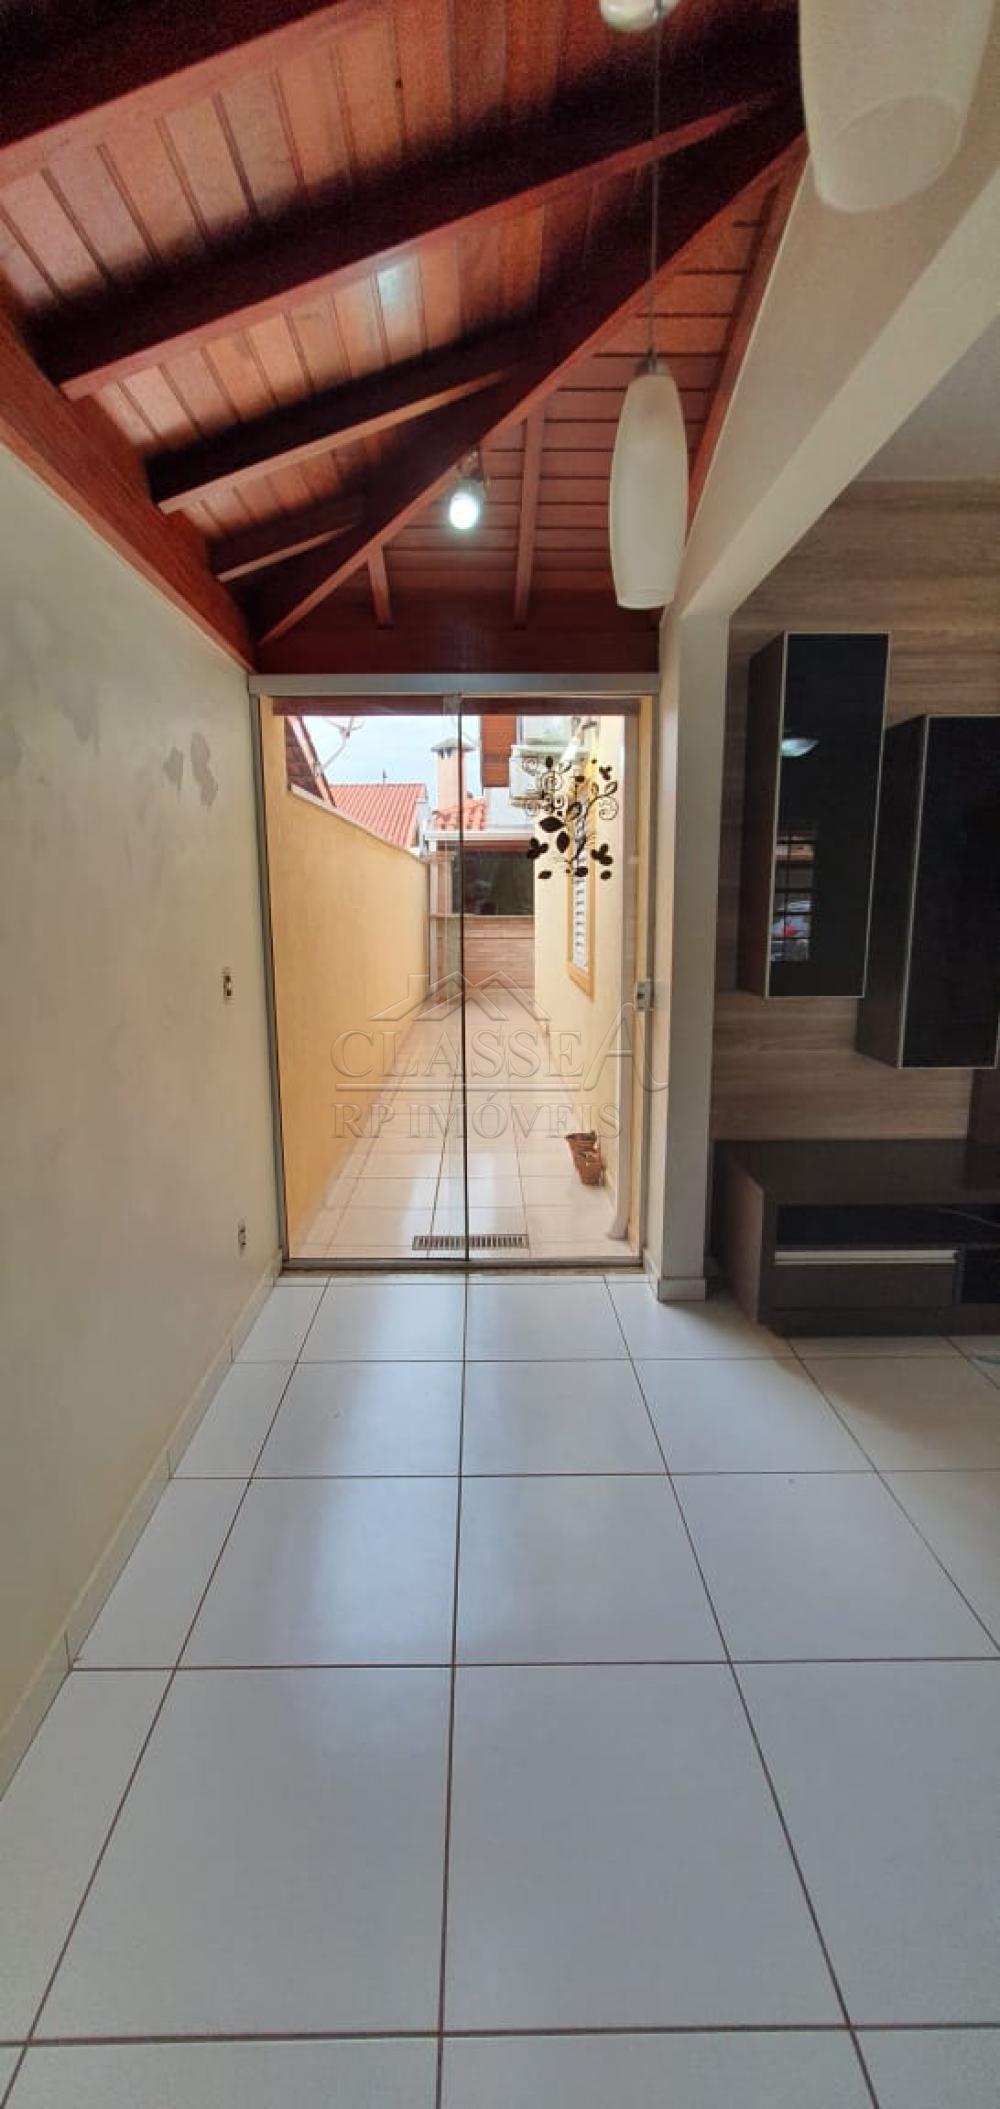 Comprar Casa / Condomínio - térrea em Ribeirão Preto R$ 650.000,00 - Foto 2